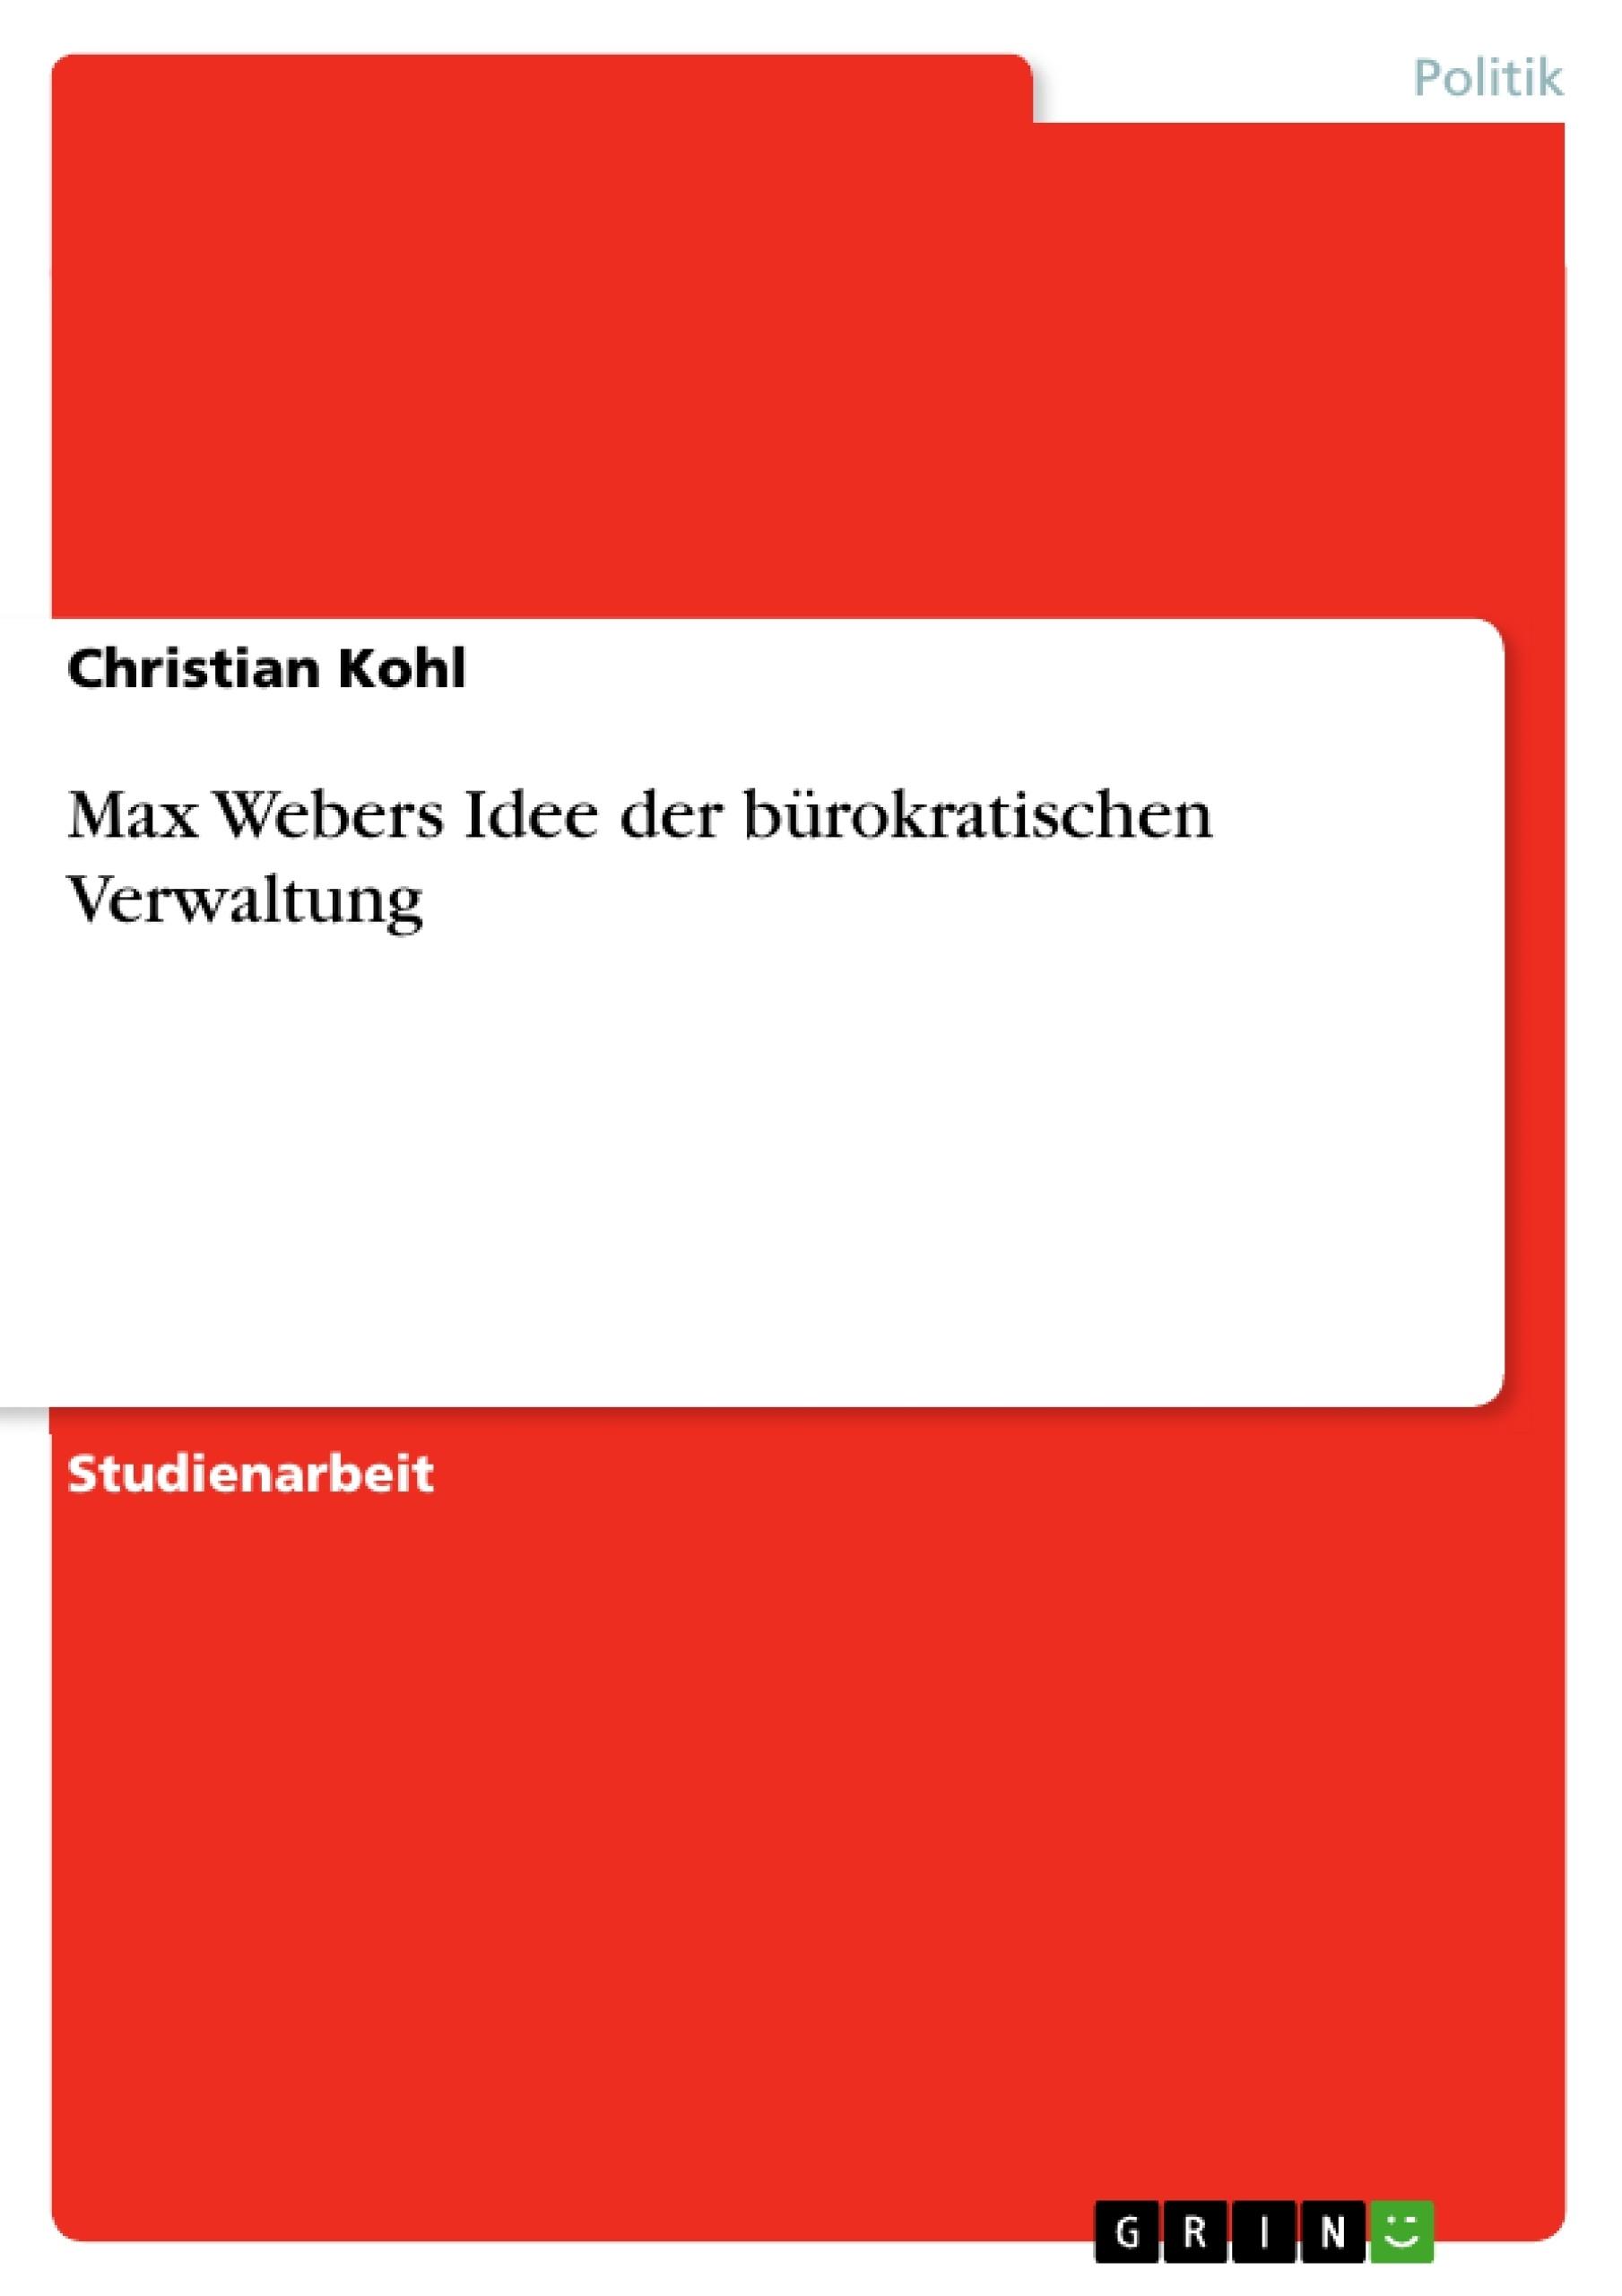 Titel: Max Webers Idee der bürokratischen Verwaltung